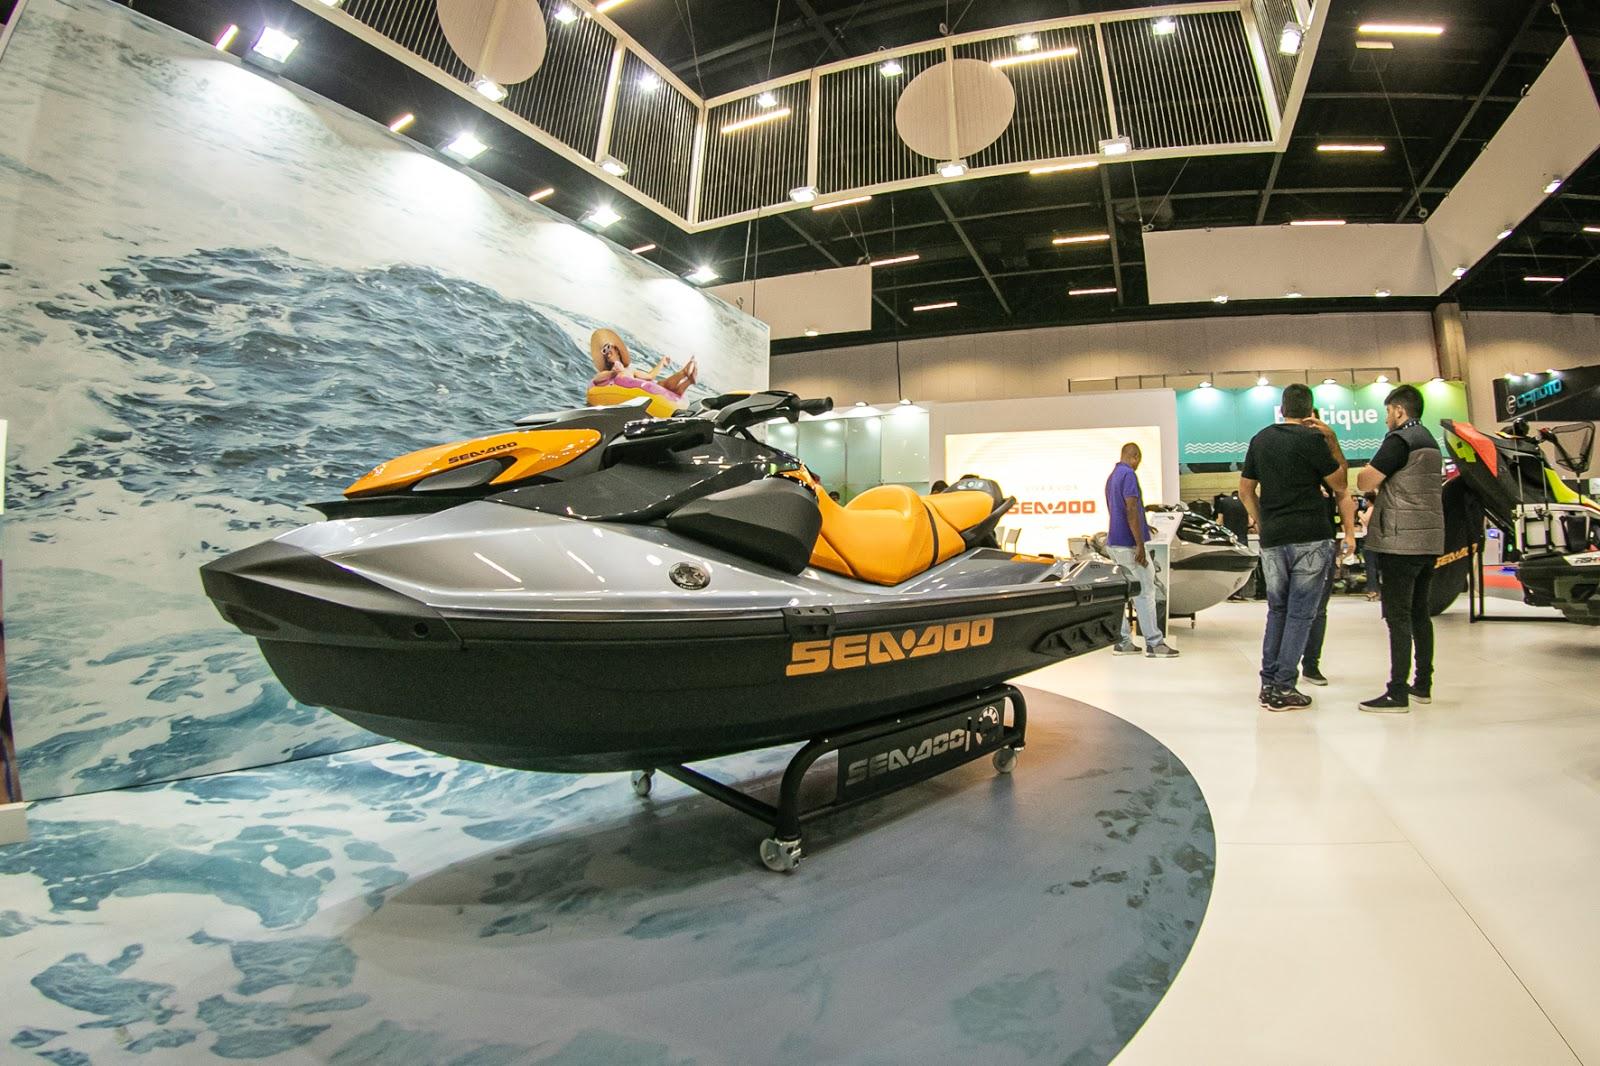 Sea-Doo apresenta novas motos aquáticas GTI no São Paulo Boat Show 2019